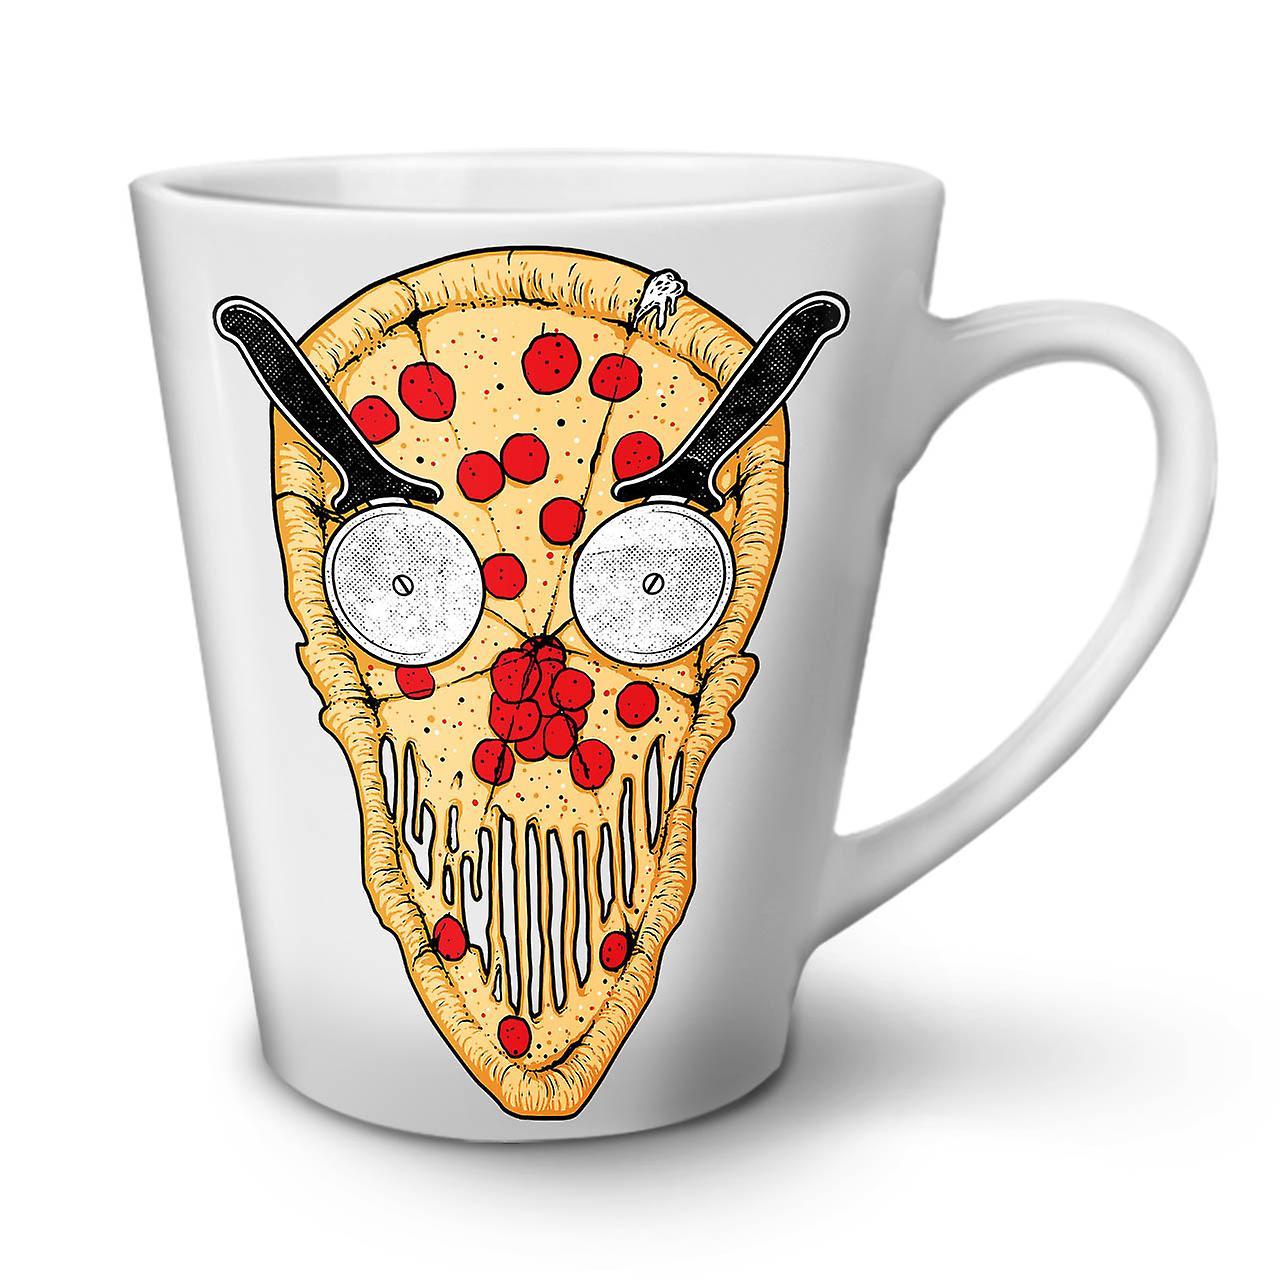 12 Drôle Céramique Pizza Thé Blanc Slice De Nouvelle Café En OzWellcoda Tasse Face Latte ybf67g